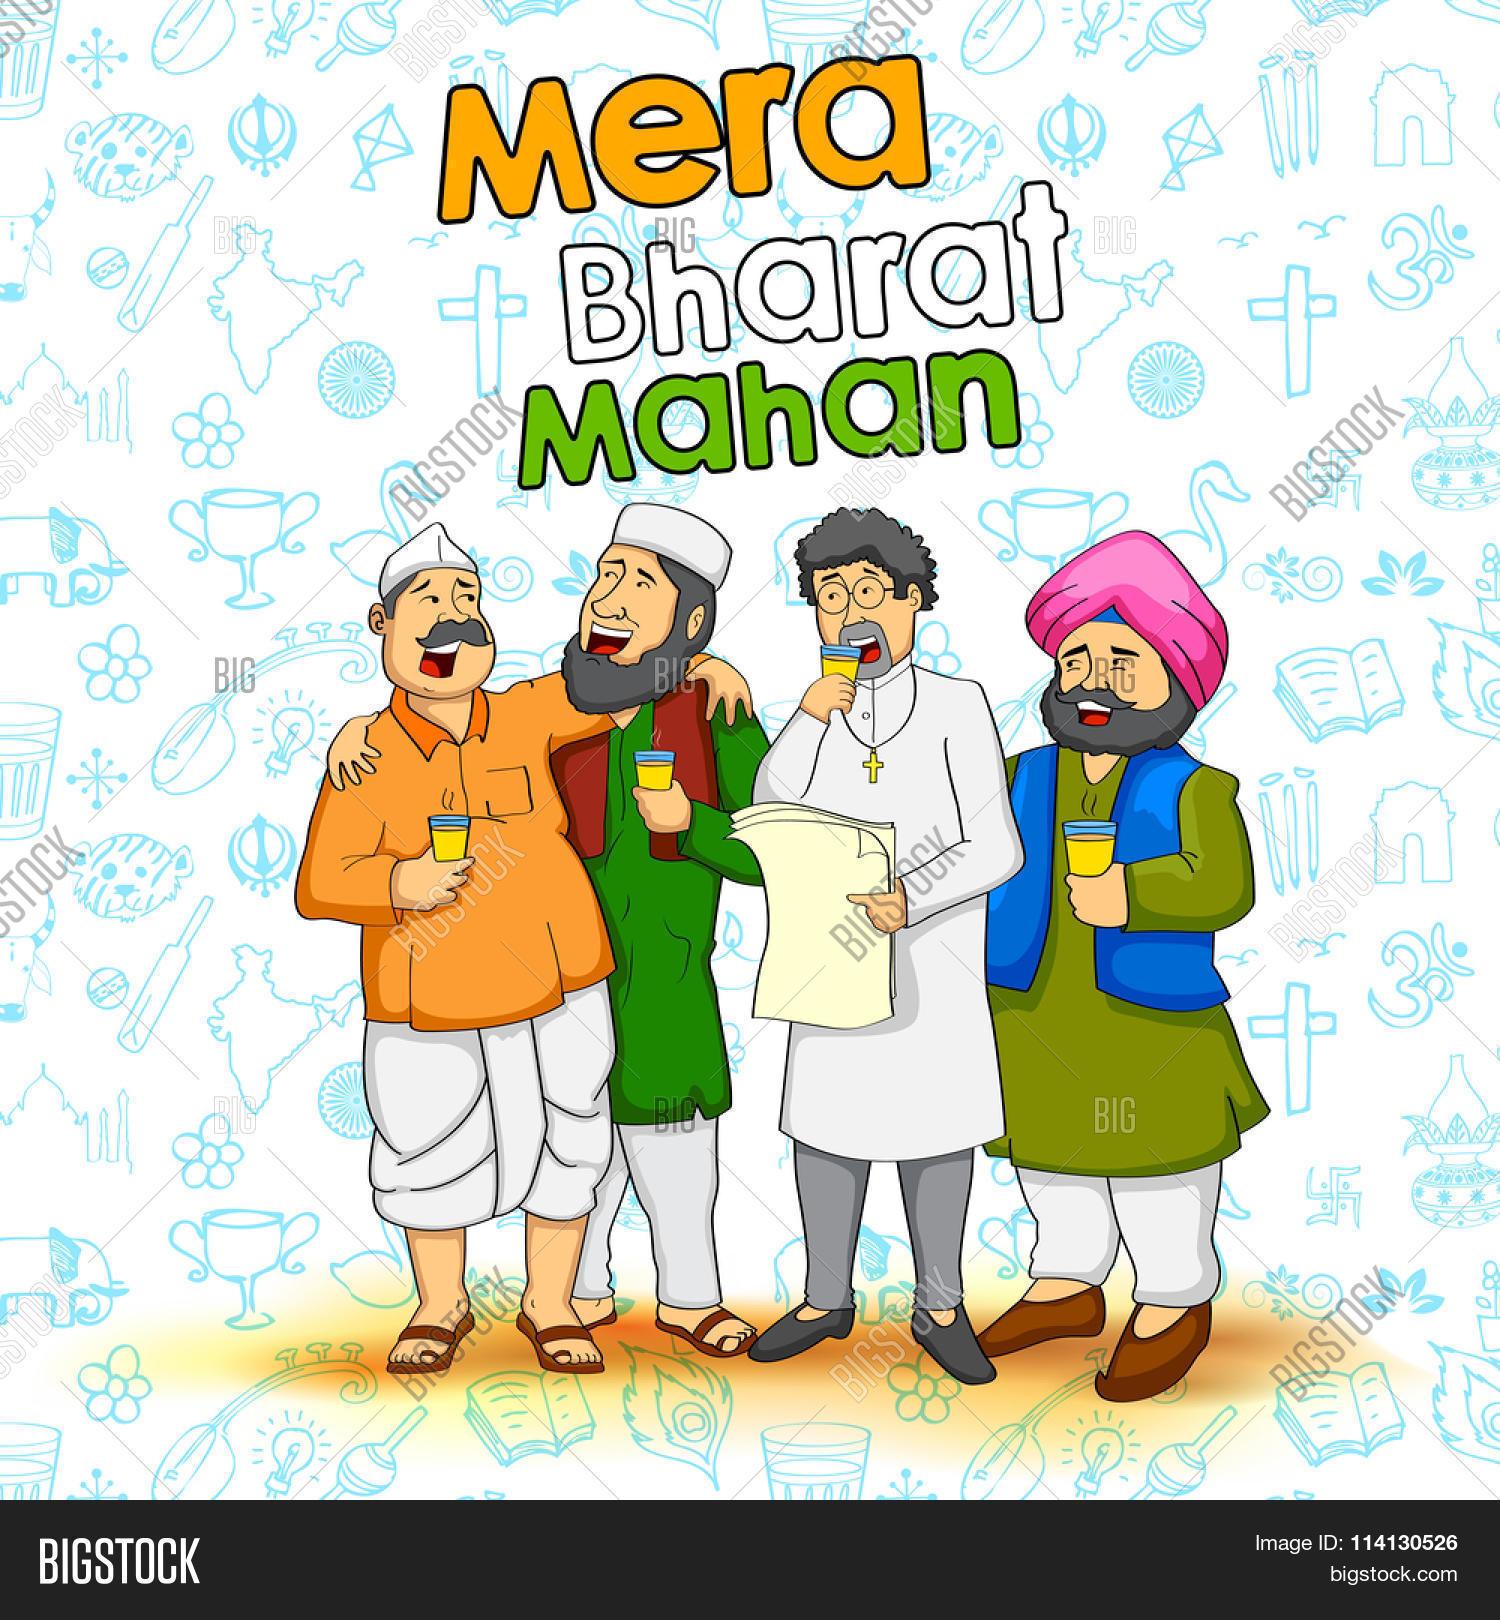 mera bharat mahan in hindi 11 अक्टूबर 2016  भारतीय चरित्र - mera bharat mahan प्राचीन भारतीय और  आपके  पास यदि hindi में कोई motivational inspirational article, story,.